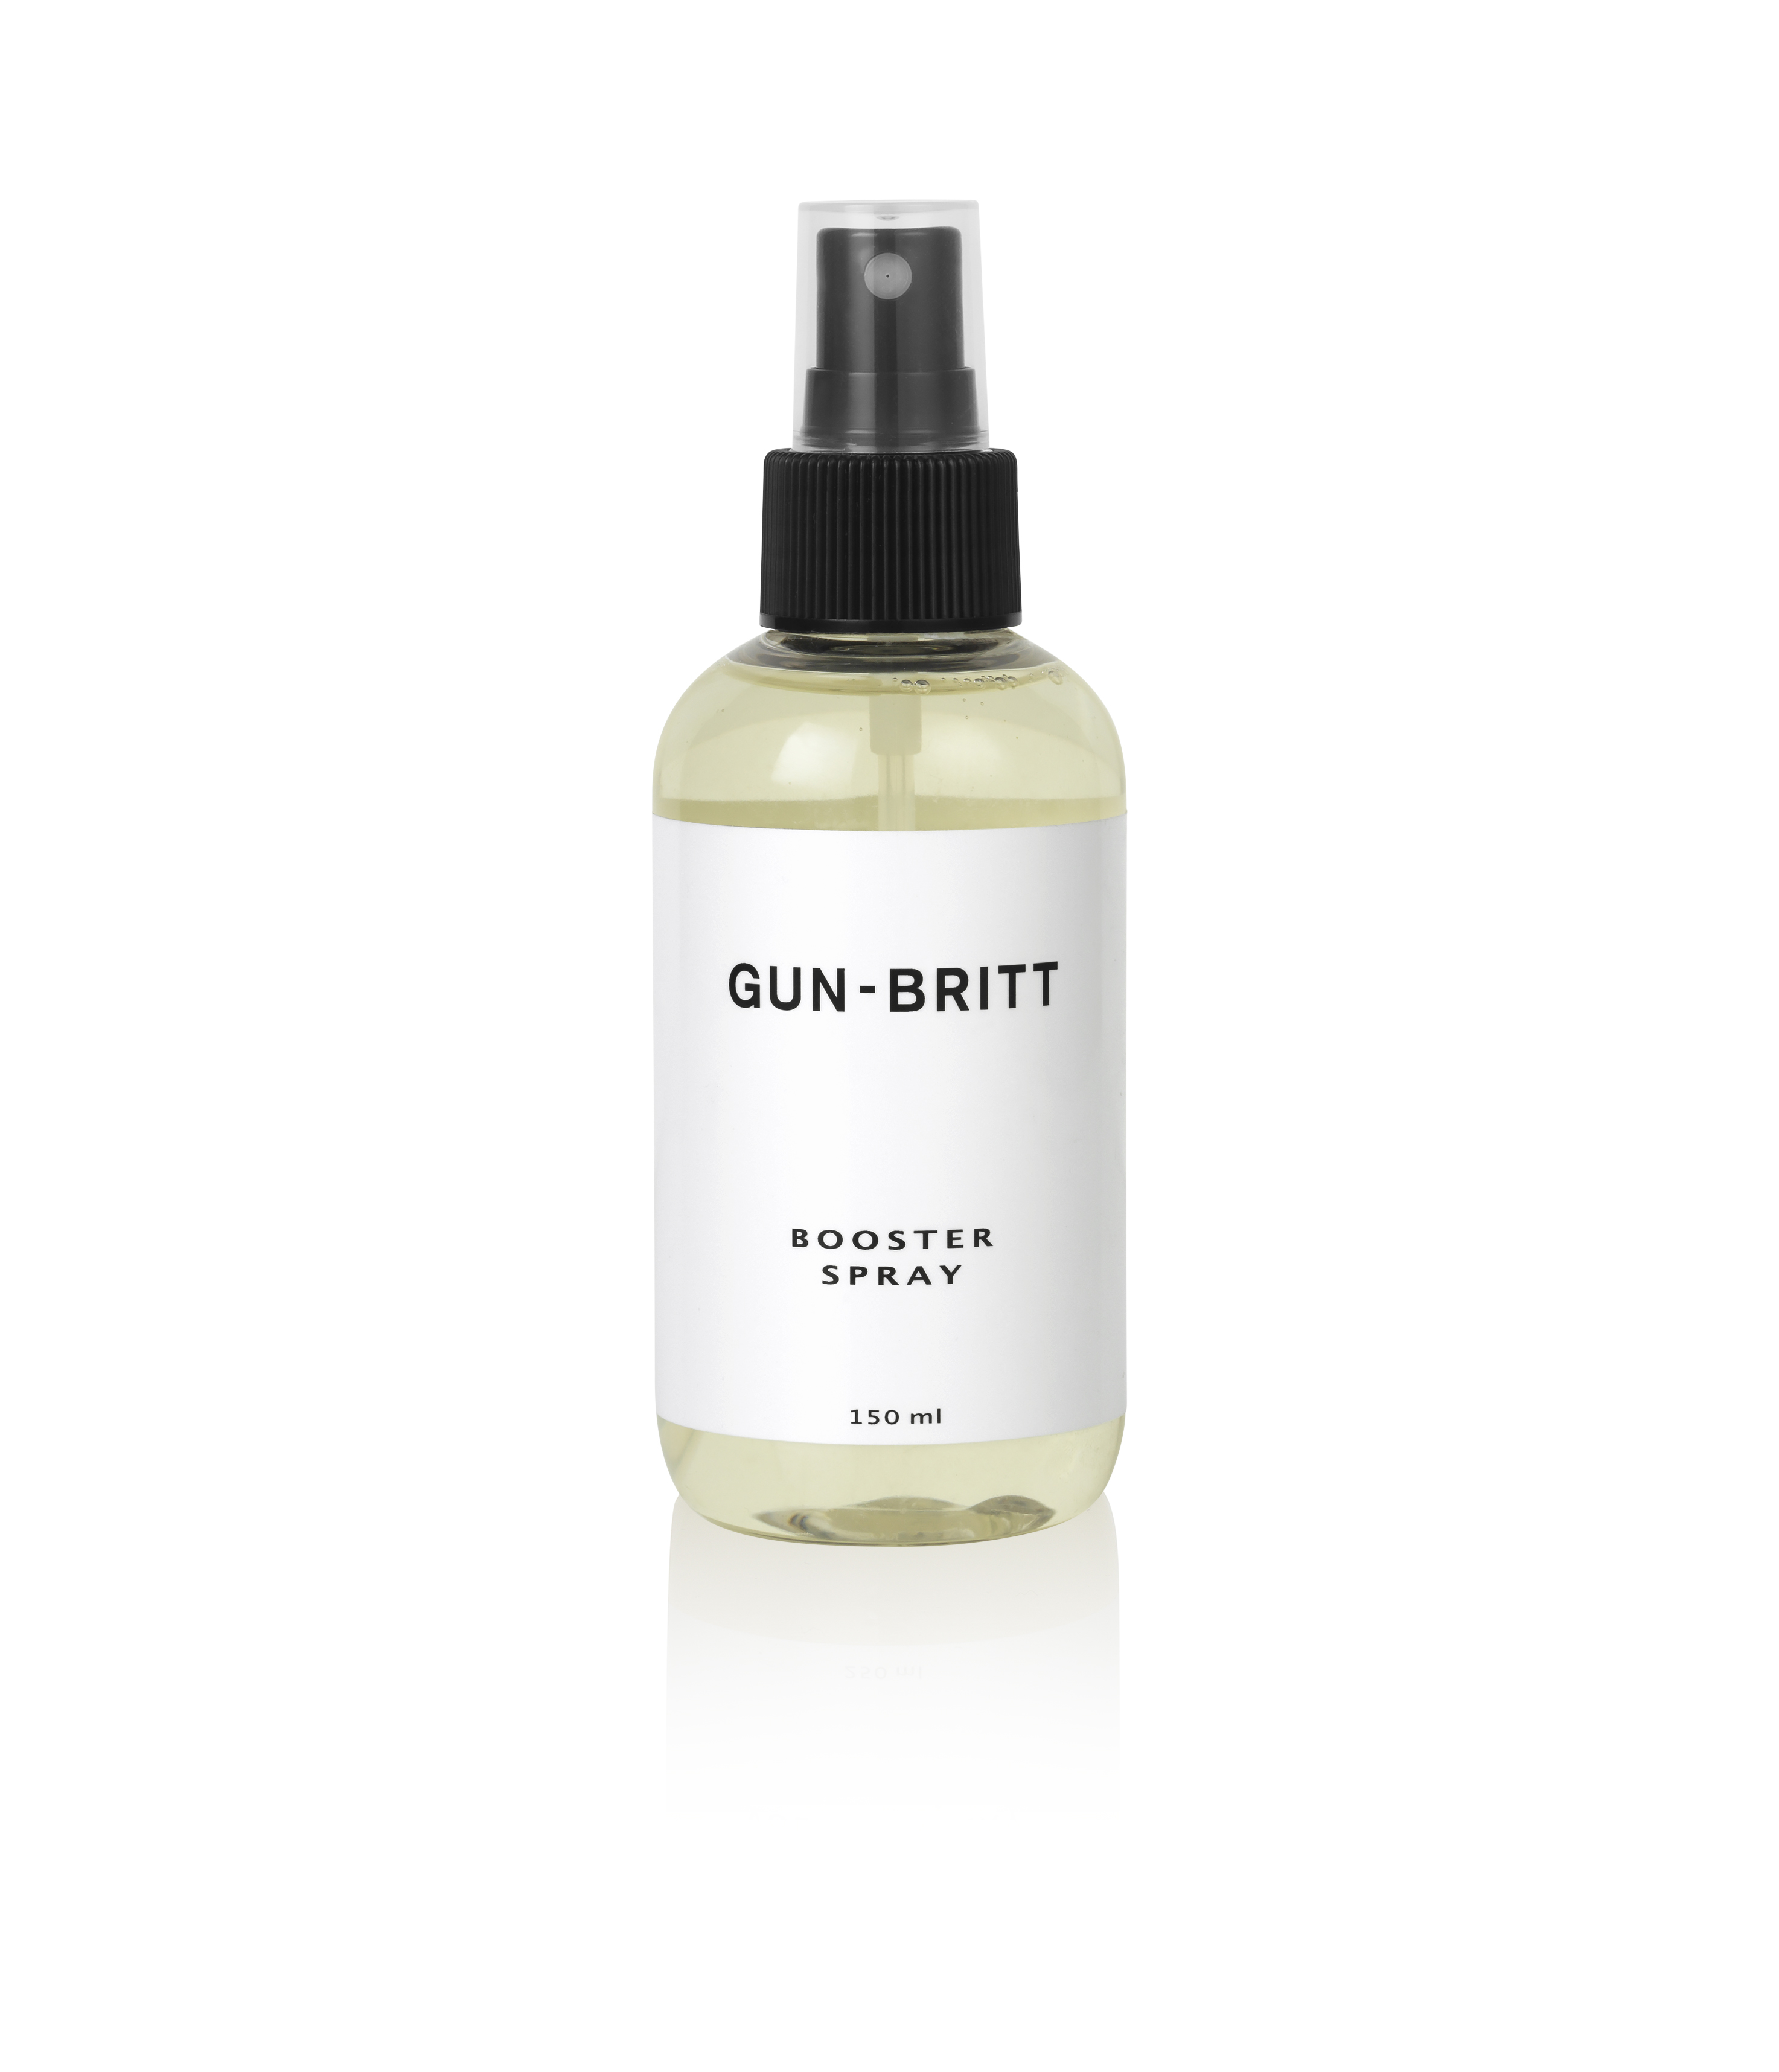 Gun-Britt Booster Spray, 150 ml